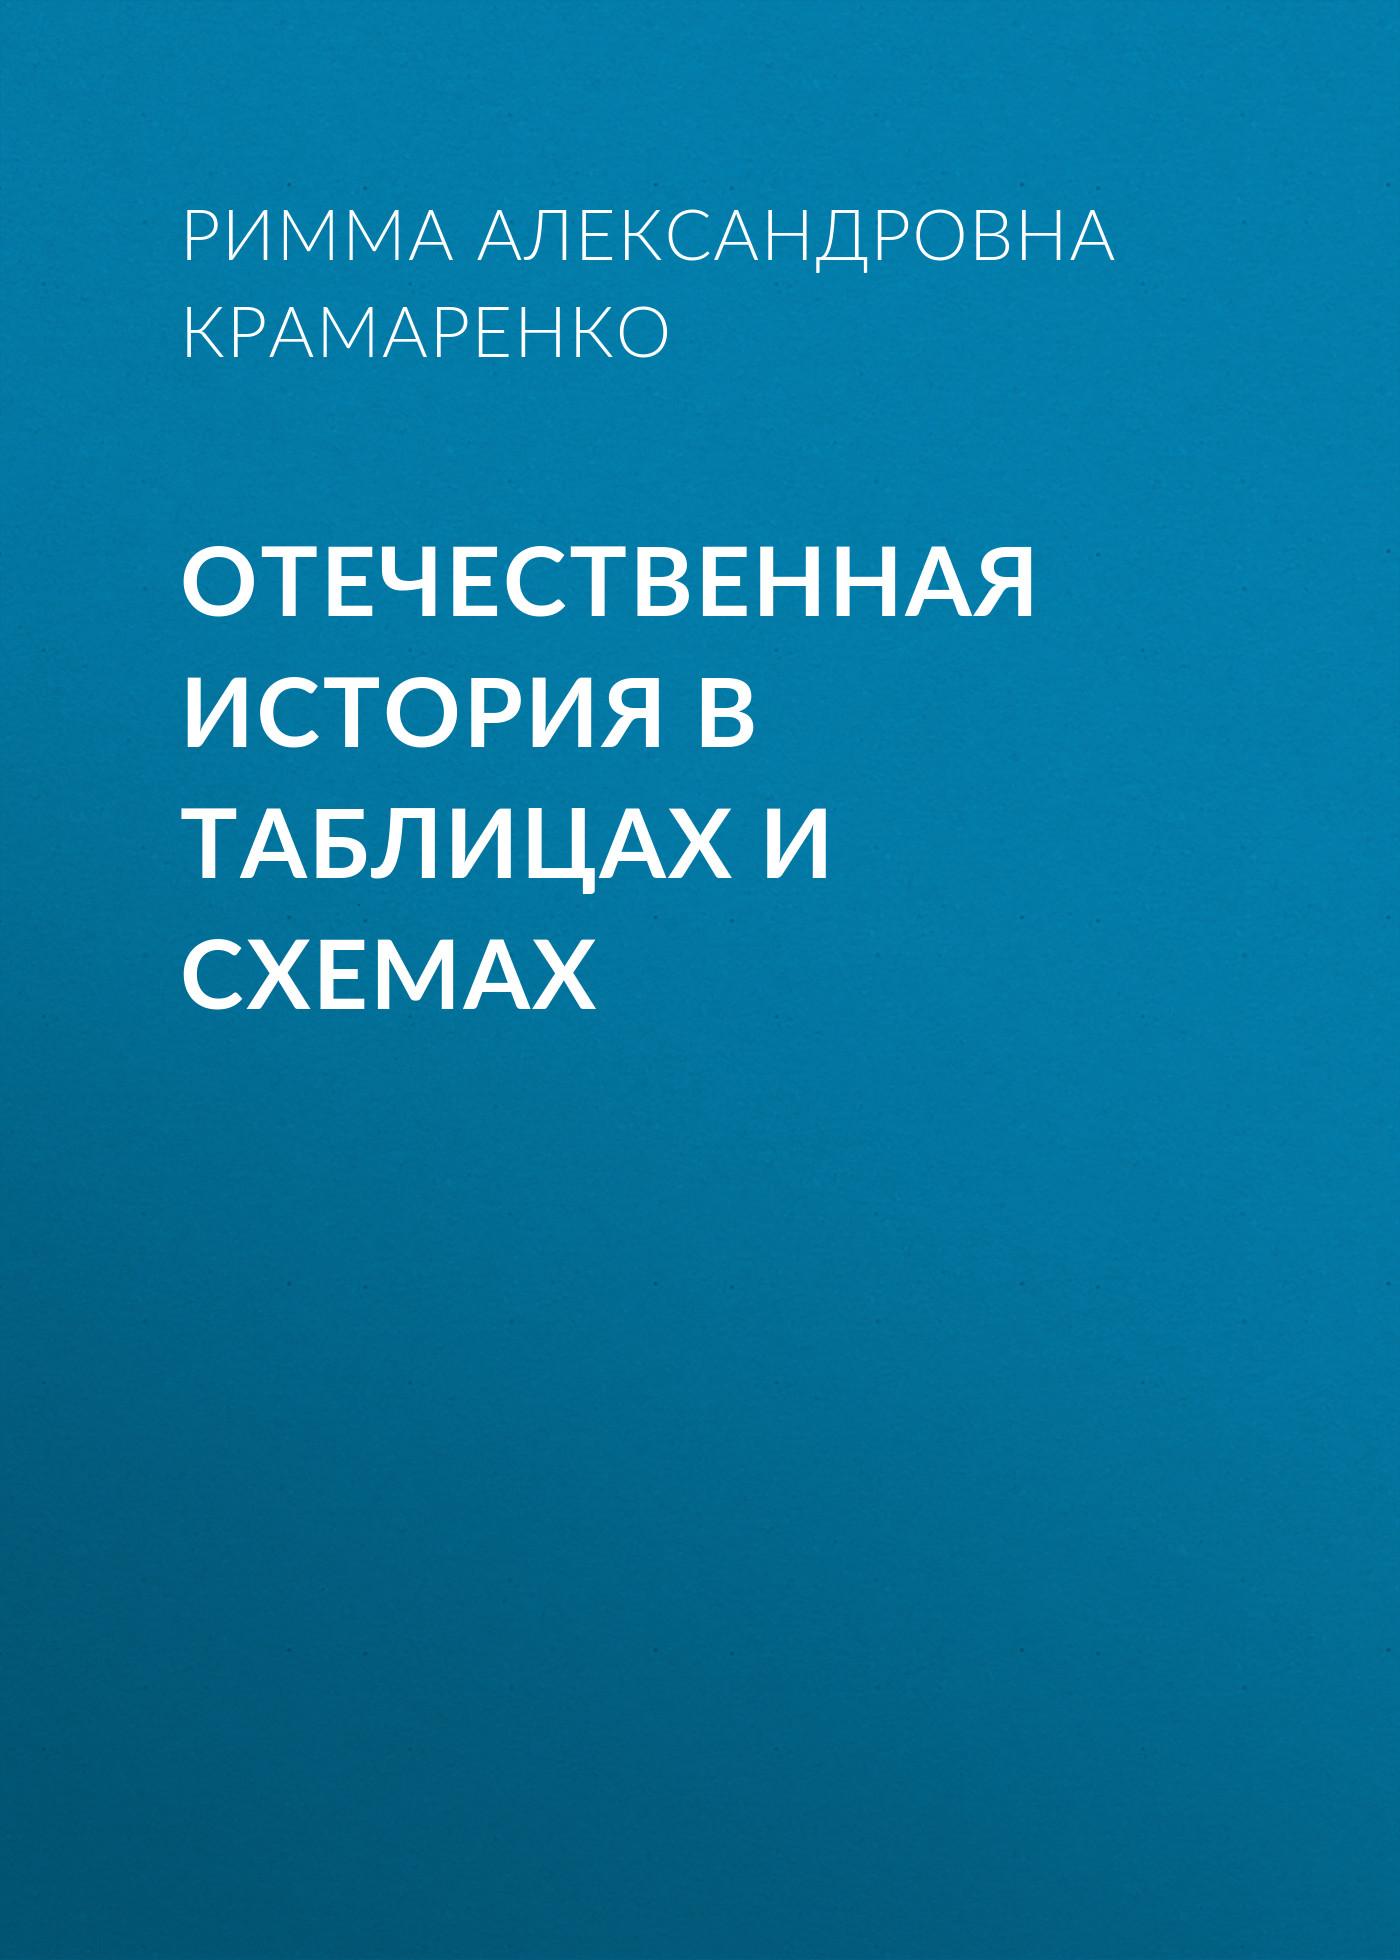 Р. А. Крамаренко Отечественная история в таблицах и схемах р а крамаренко отечественная история